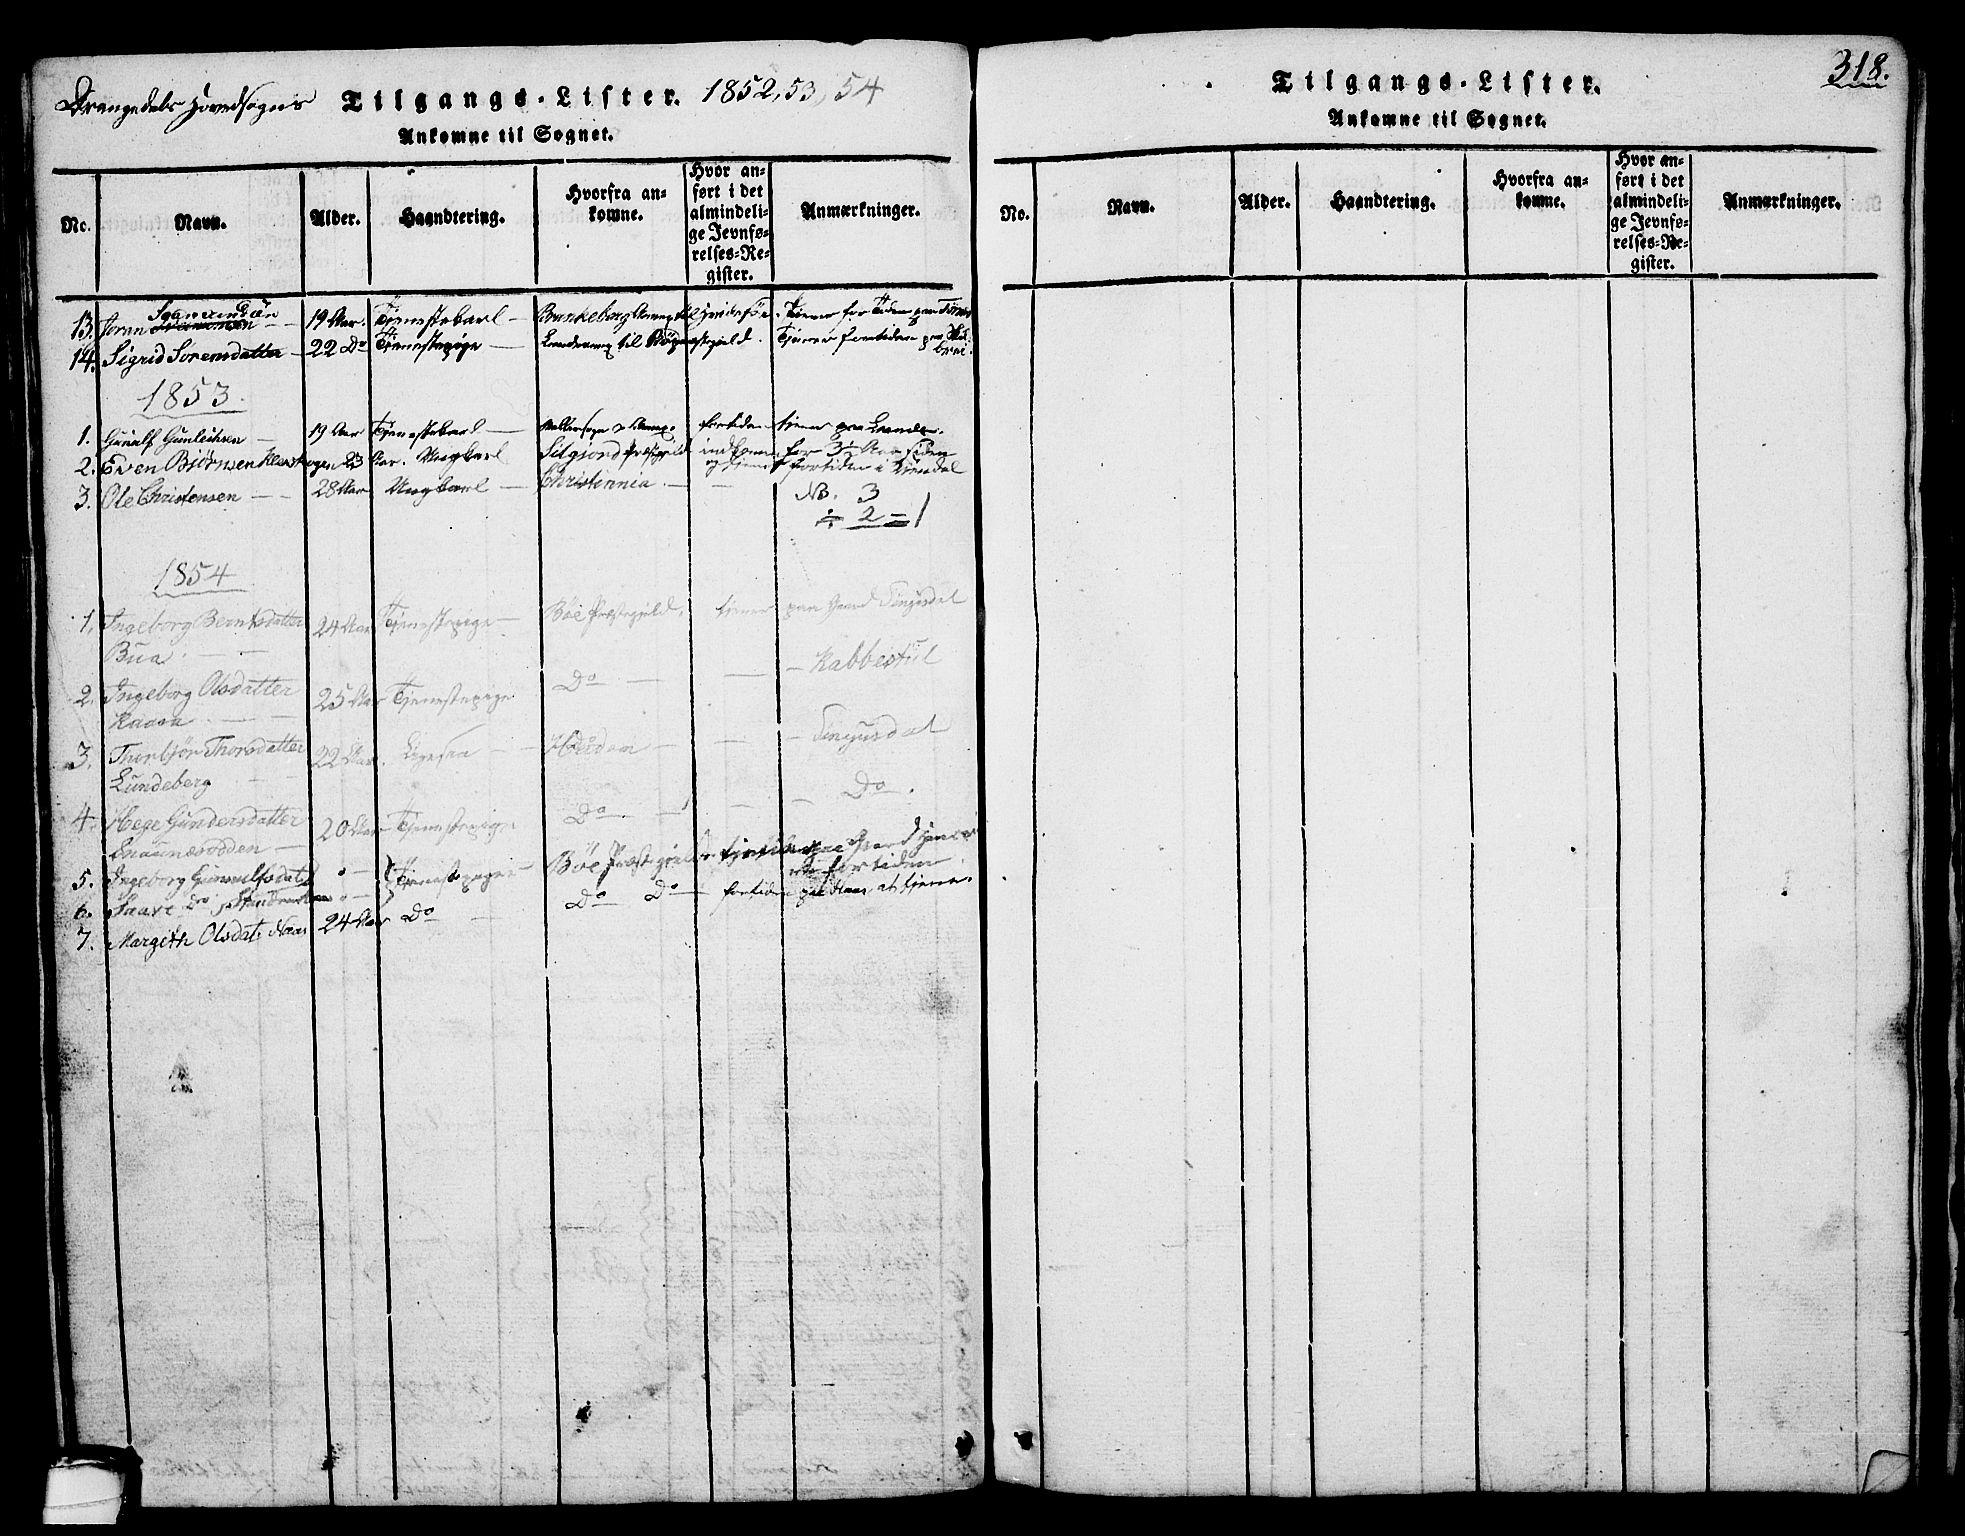 SAKO, Drangedal kirkebøker, G/Ga/L0001: Klokkerbok nr. I 1 /1, 1814-1856, s. 318